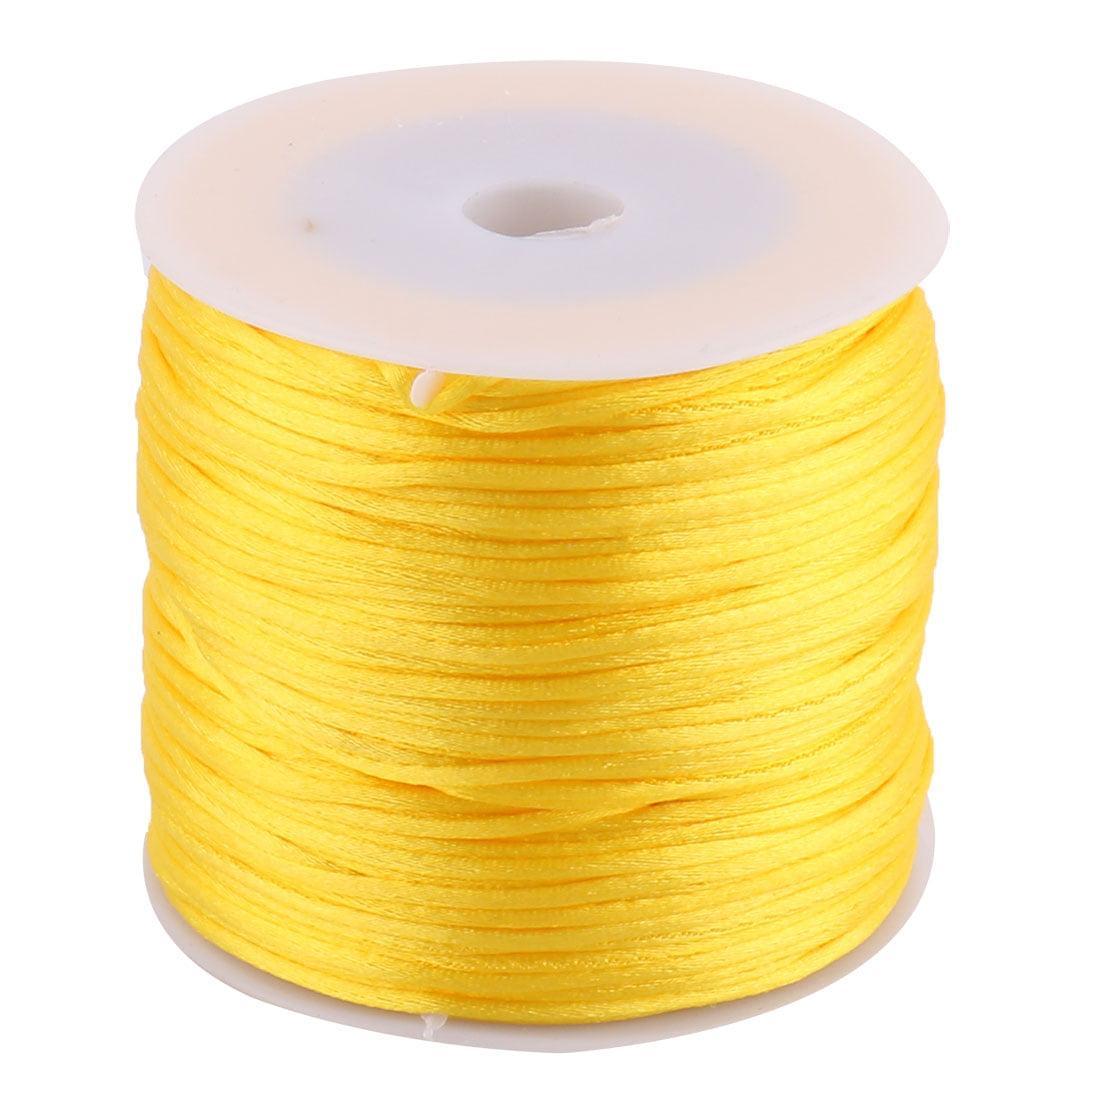 Fait principal Tricot nylon DIY Bracelet Cordon Collier ornement Diamètre 1.5 mm 78.7 Yards - image 1 de 1